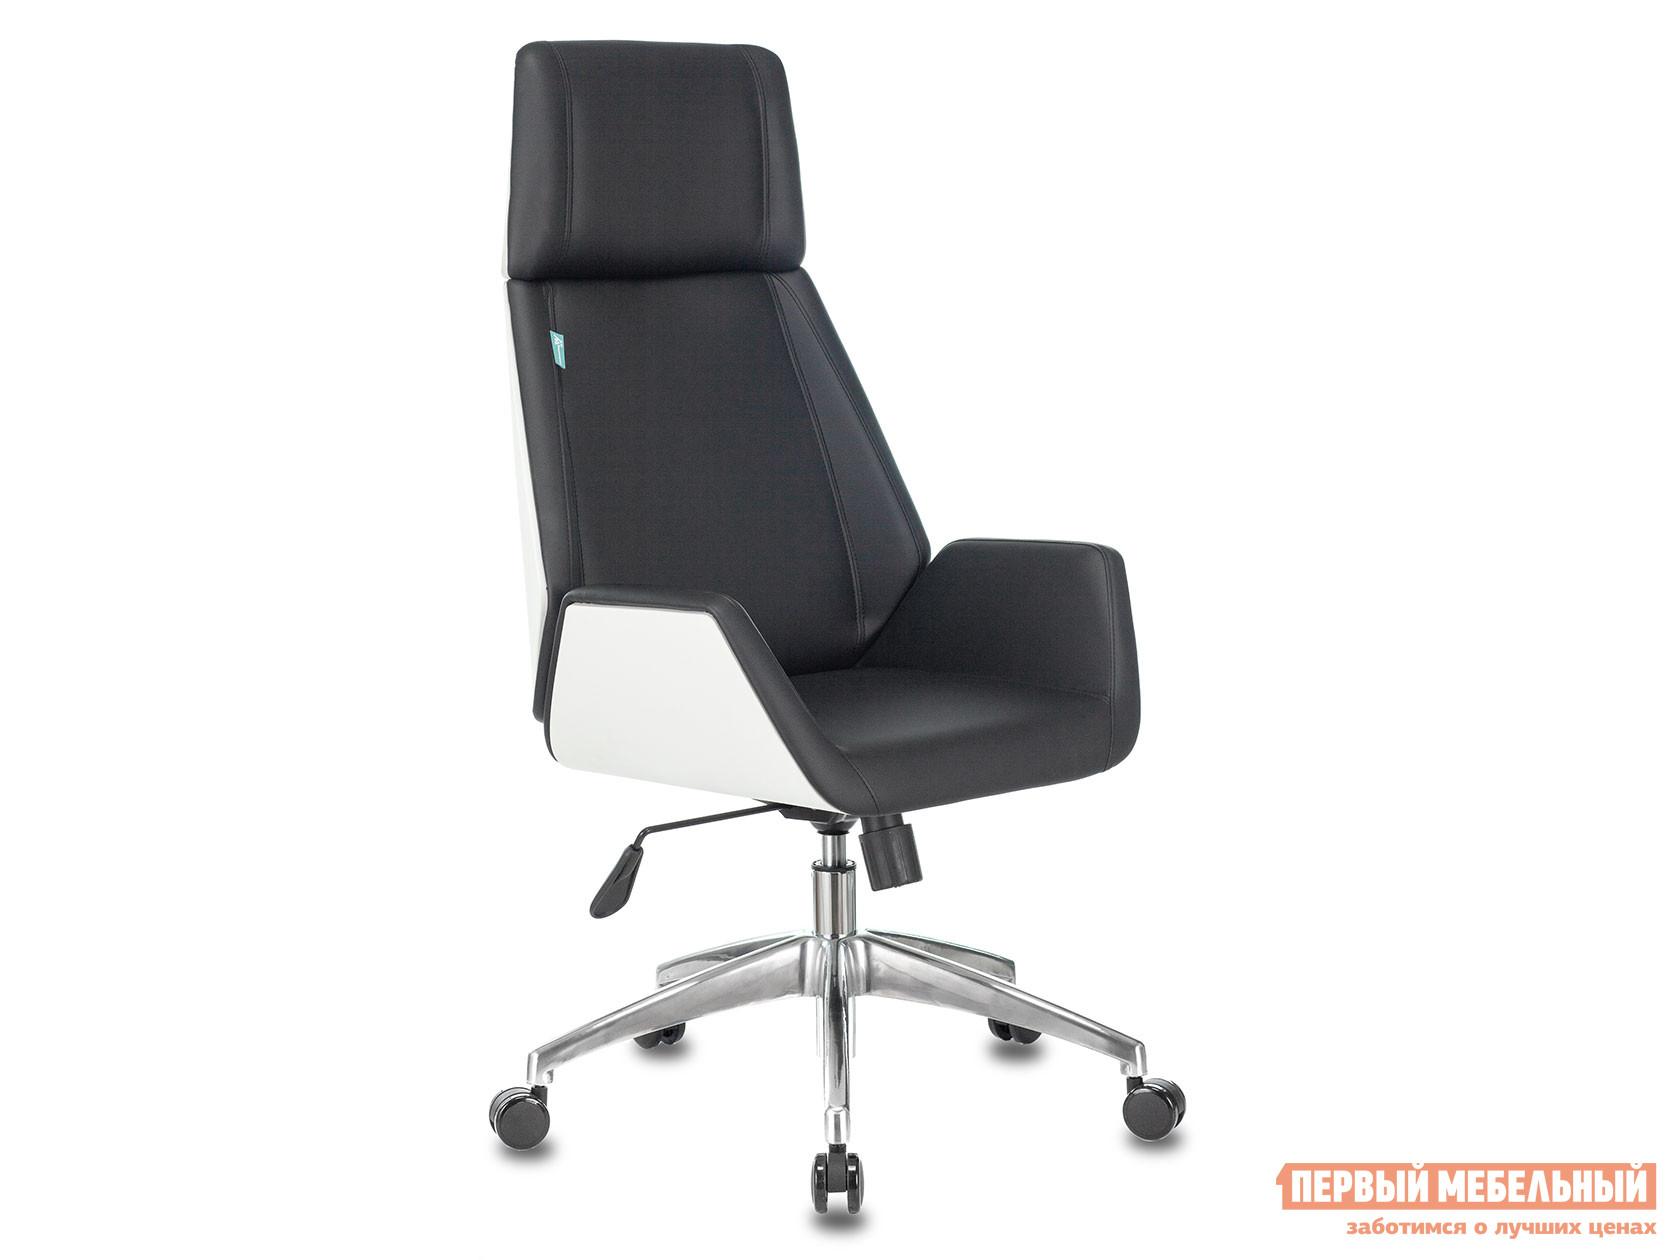 Кресло руководителя Бюрократ Кресло руководителя Бюрократ _OPTIMUM